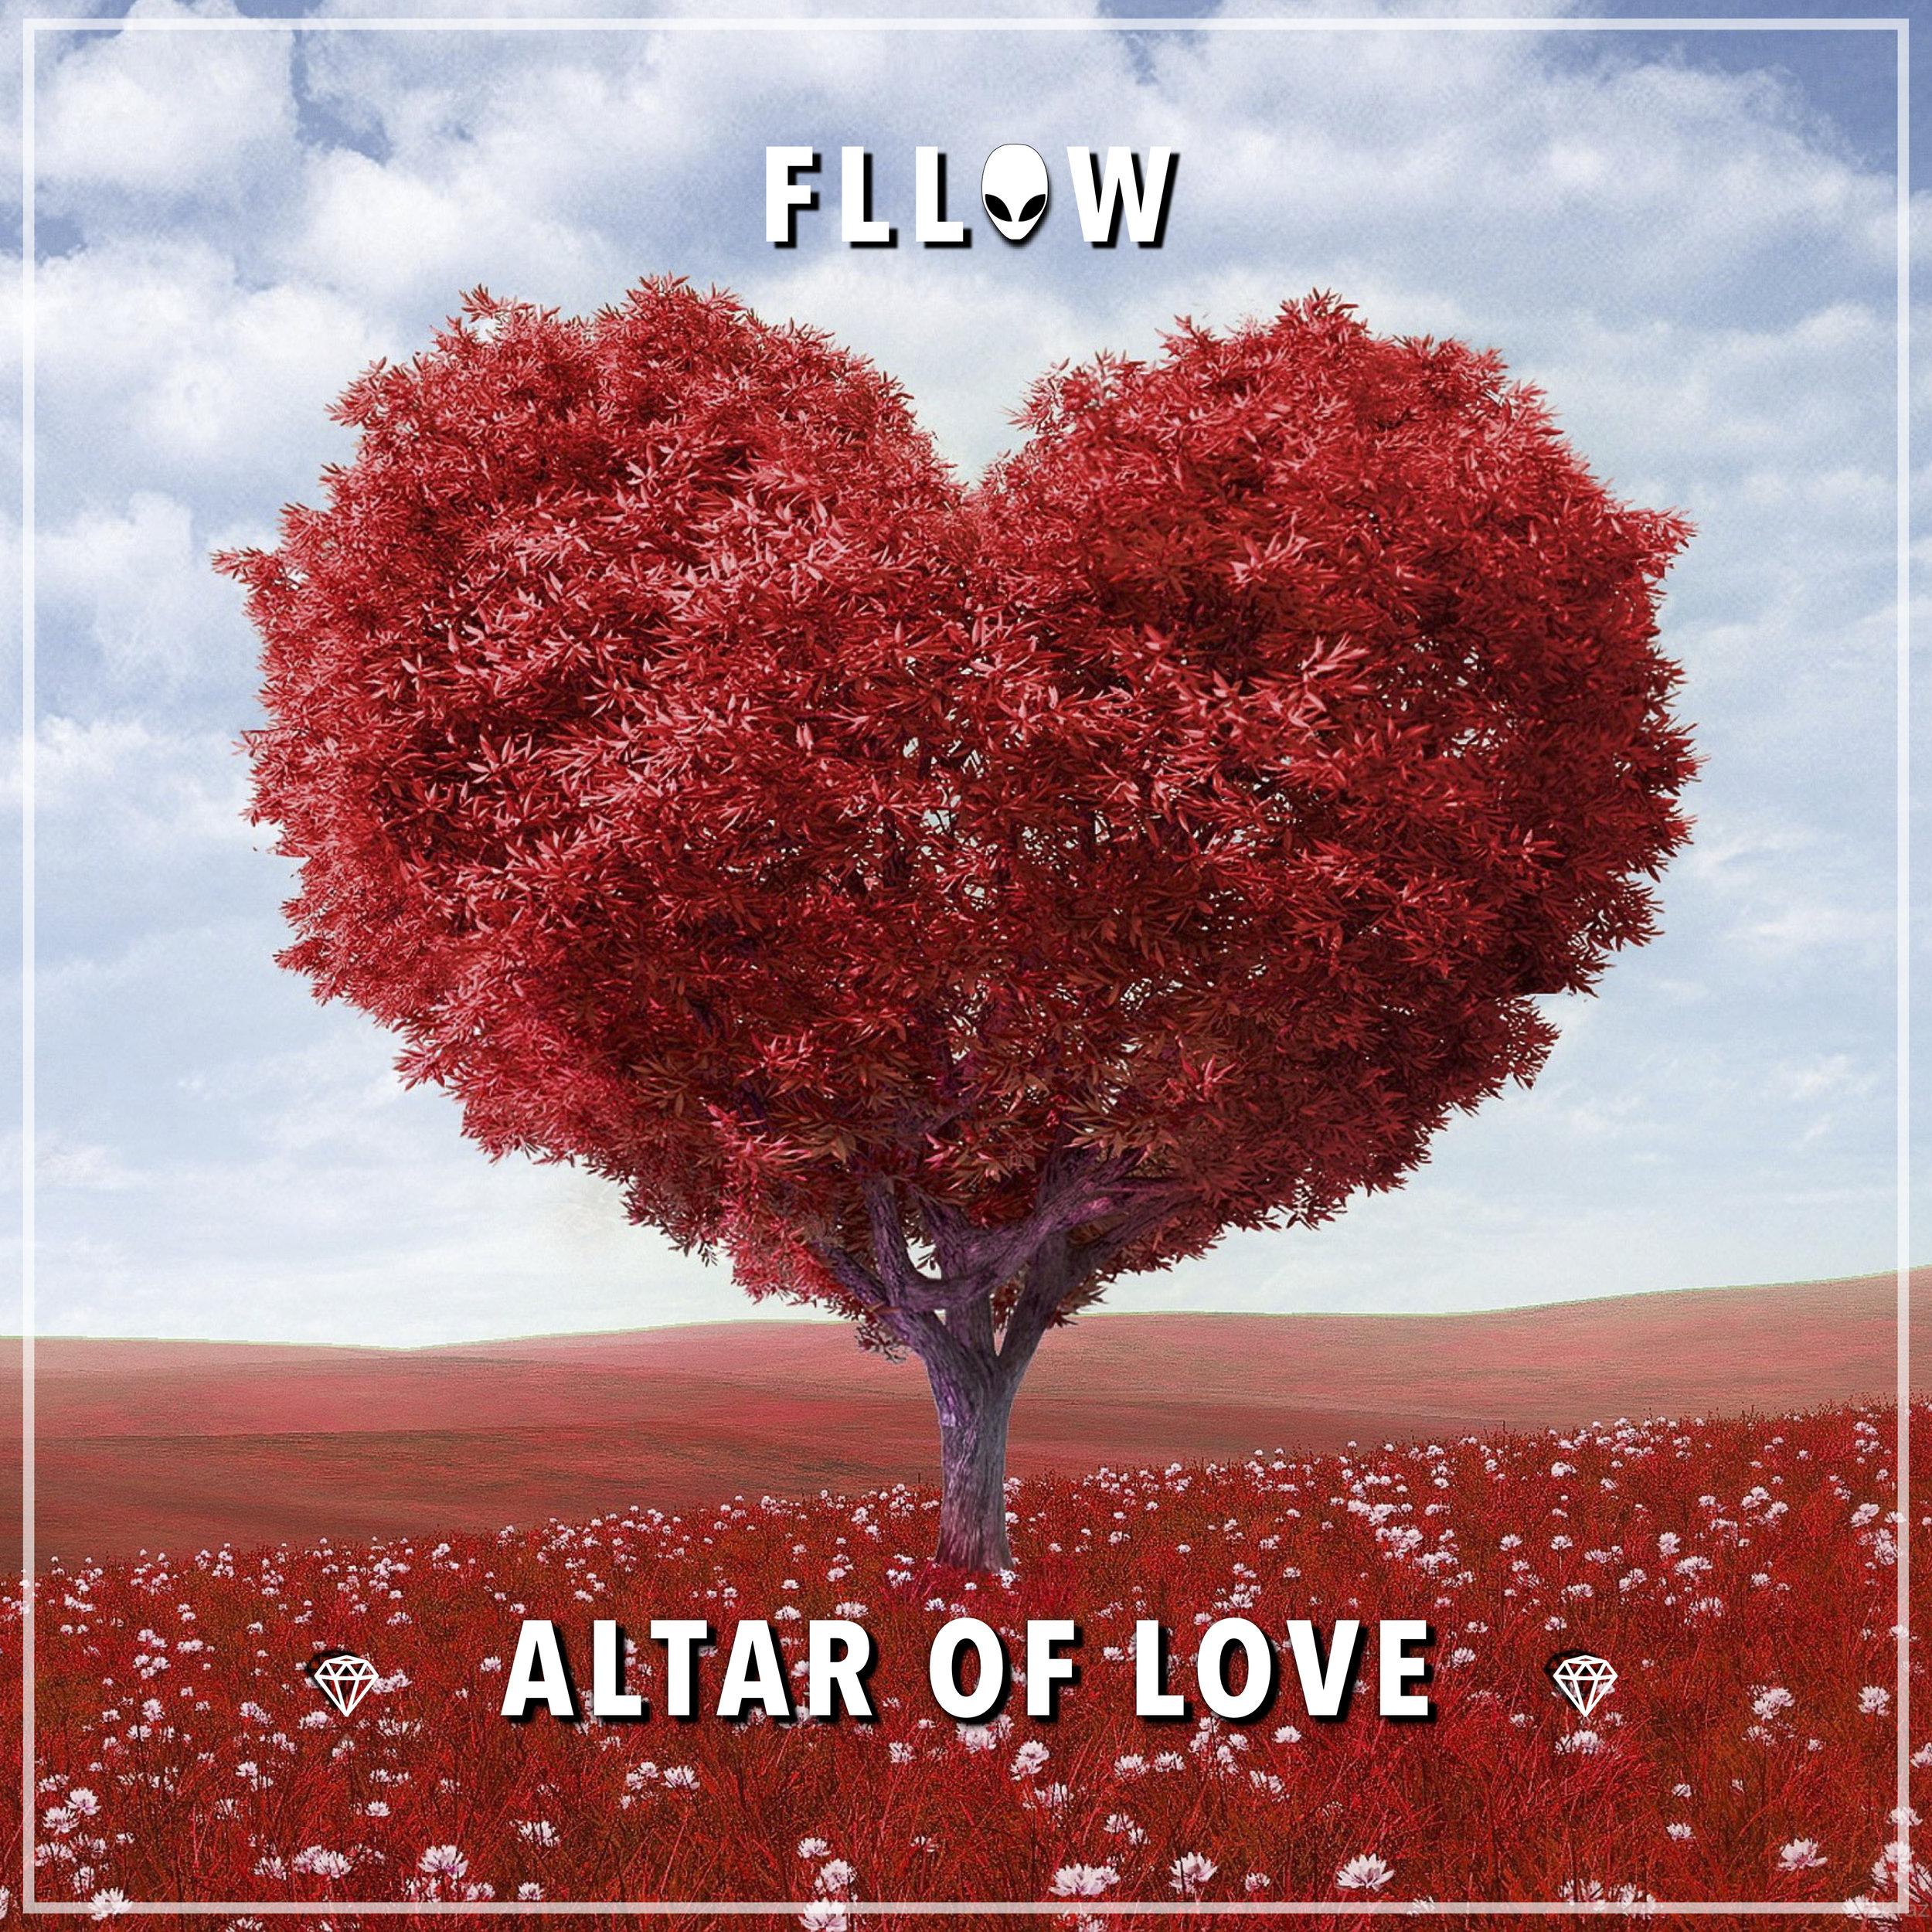 ALTAR OF LOVE TRACK ART.jpg